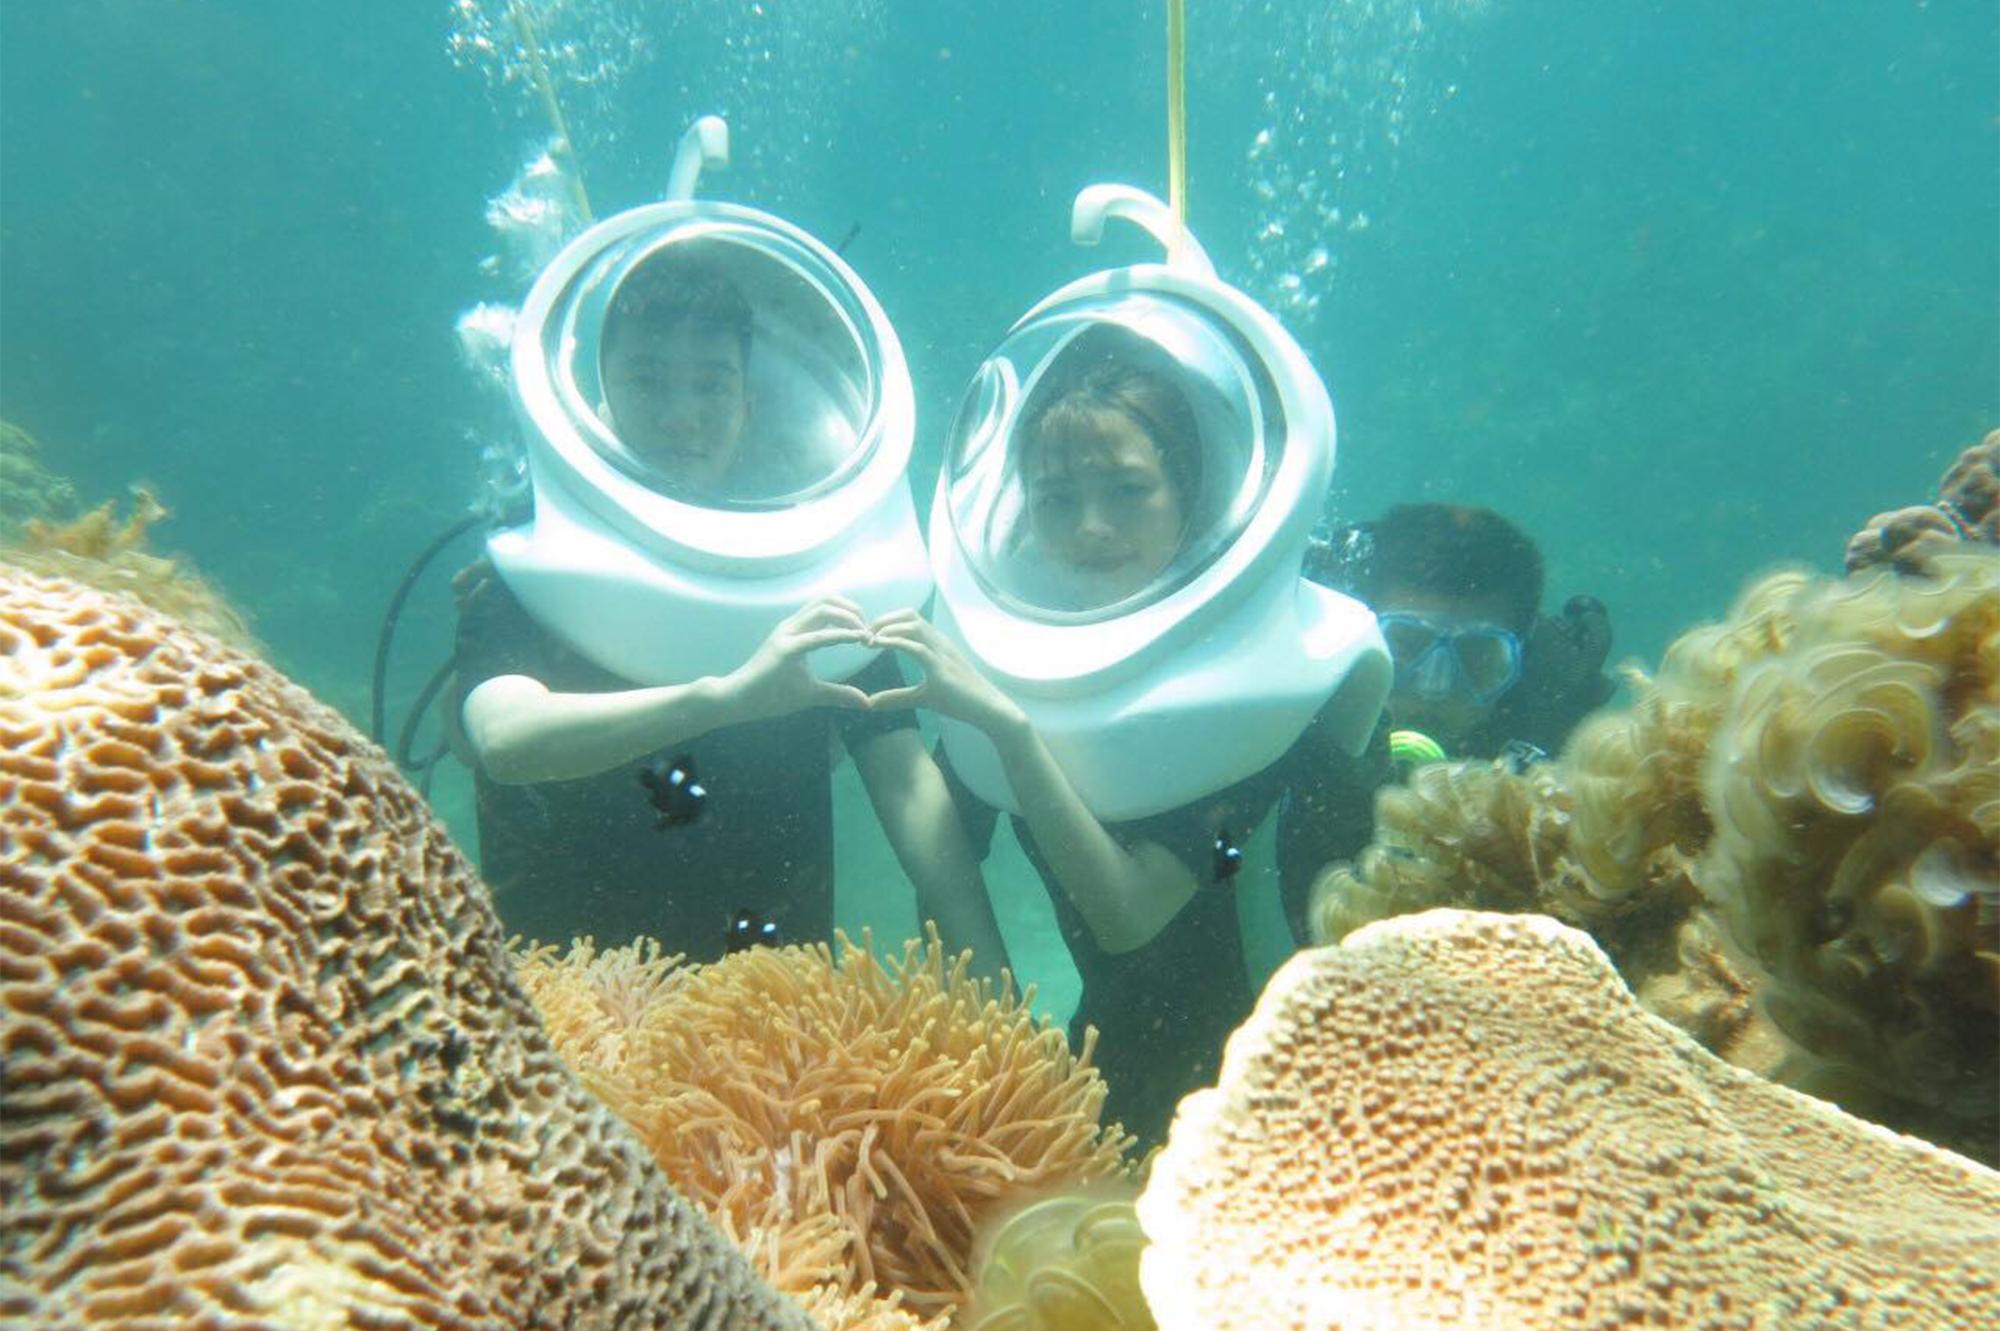 Lặn ngắm san hô ở Hòn Khô, xã Nhơn Hải, TP Quy Nhơn. Ảnh: Xuân Sáng